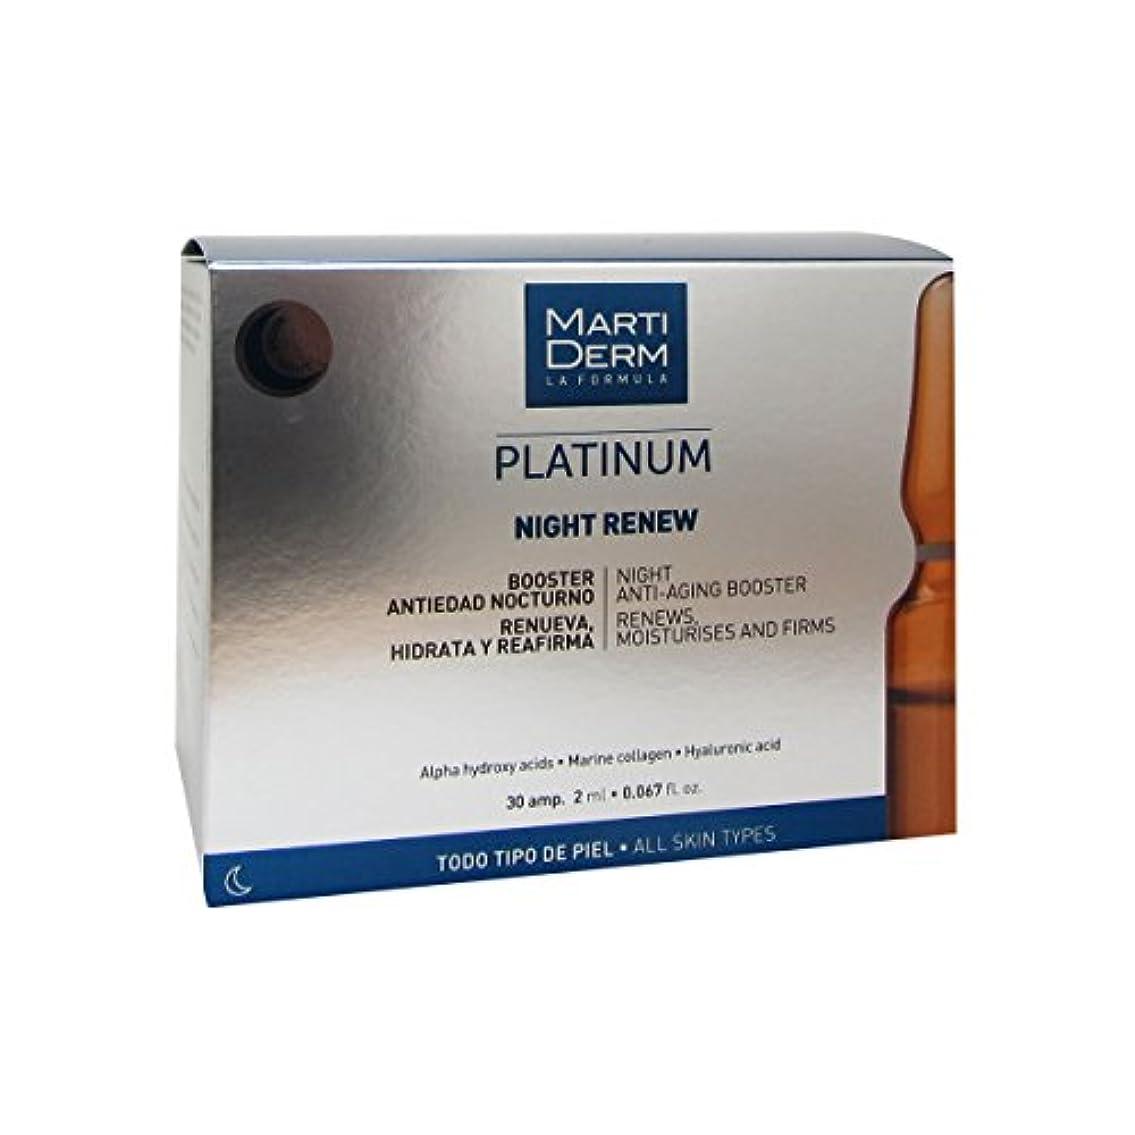 港あまりにも味方Martiderm Platinum Night Renew Ampoules 30ampx2ml [並行輸入品]